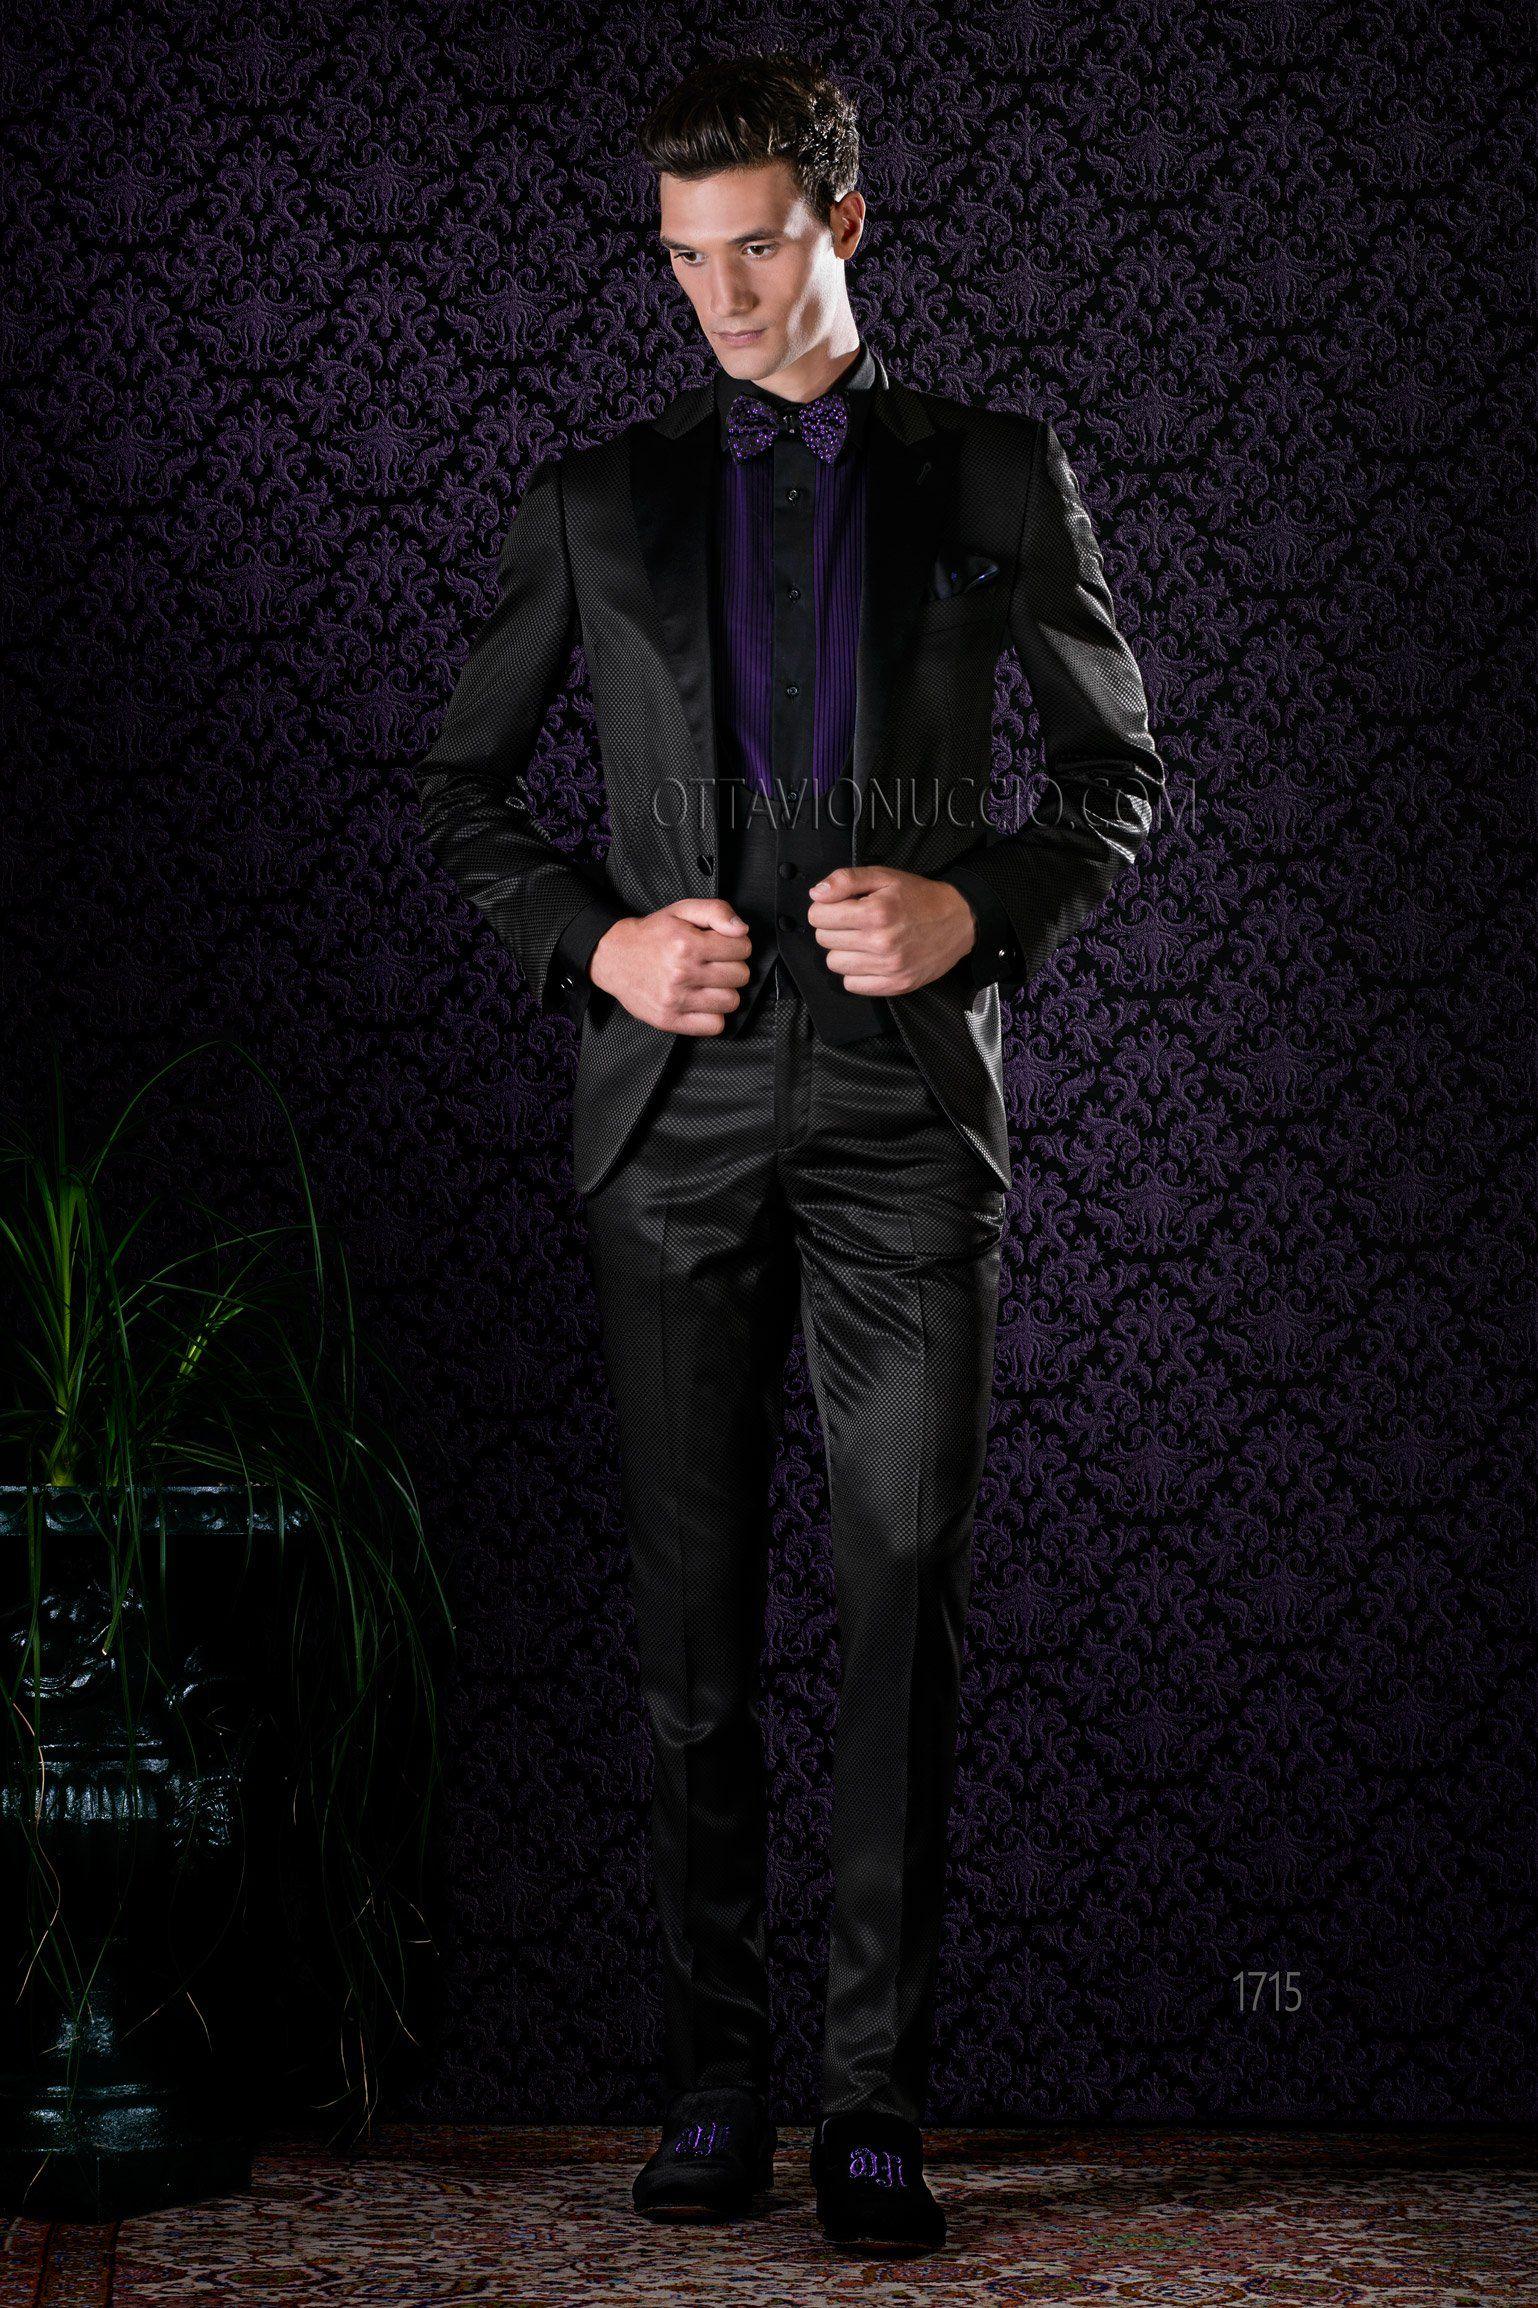 Black peak lapel Italian wedding tuxedo #groom #suit #dapper ...